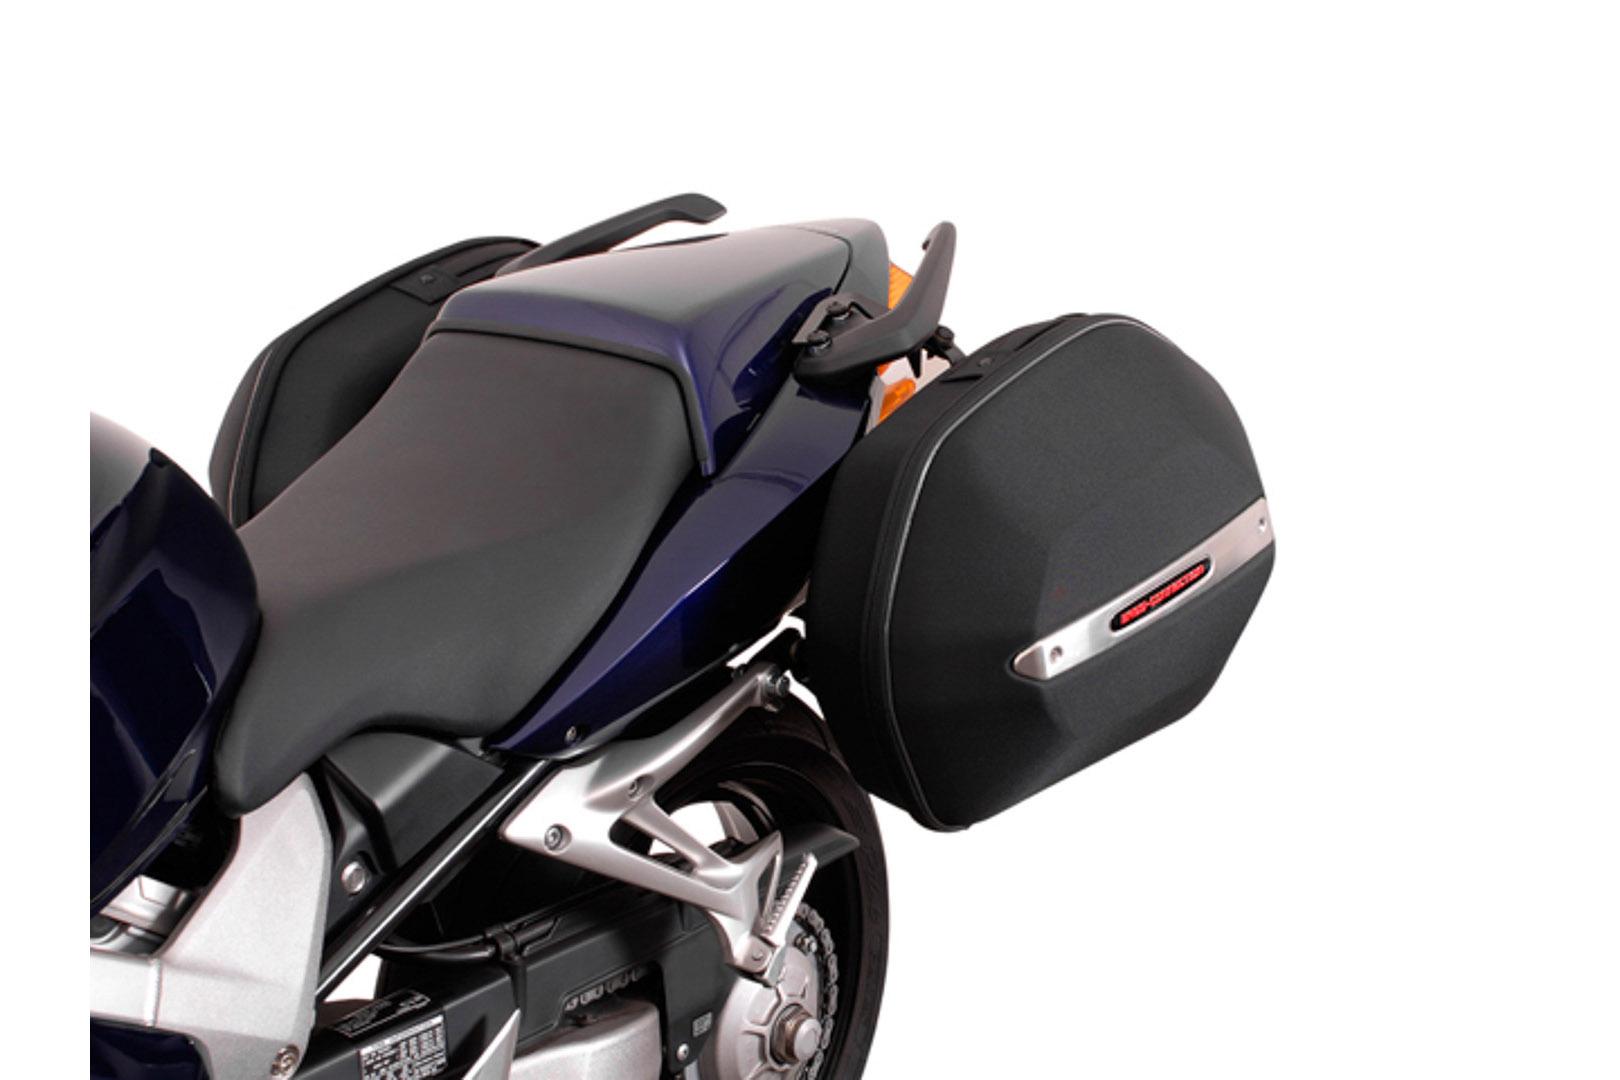 SW-Motech Quick-Lock EVO Sivutelinesarja. Honda VFR800 V-Tec 02-